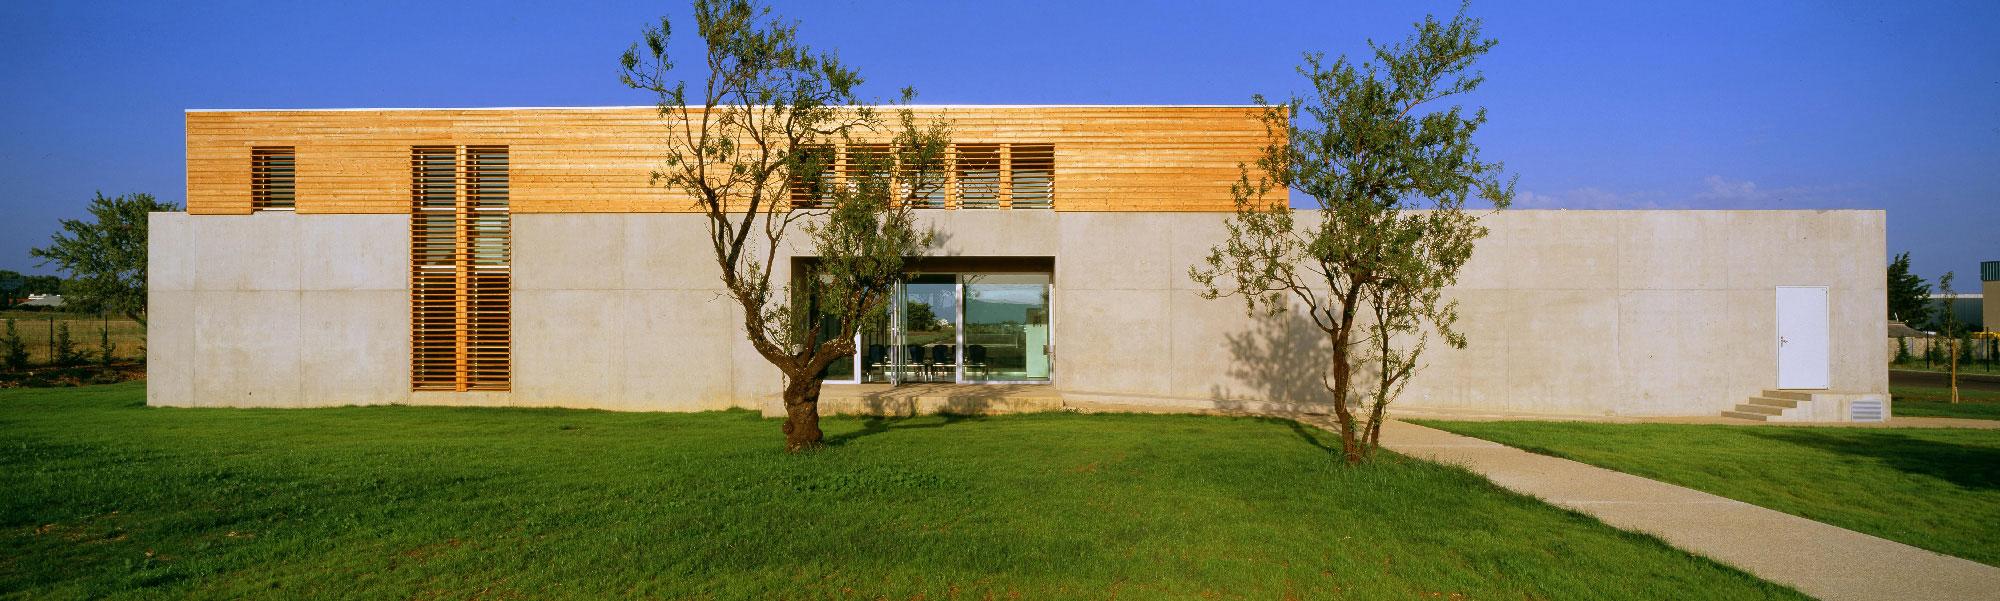 Centre des examens des permis de conduire de Nimes - TAUTEM Architecture - plan large